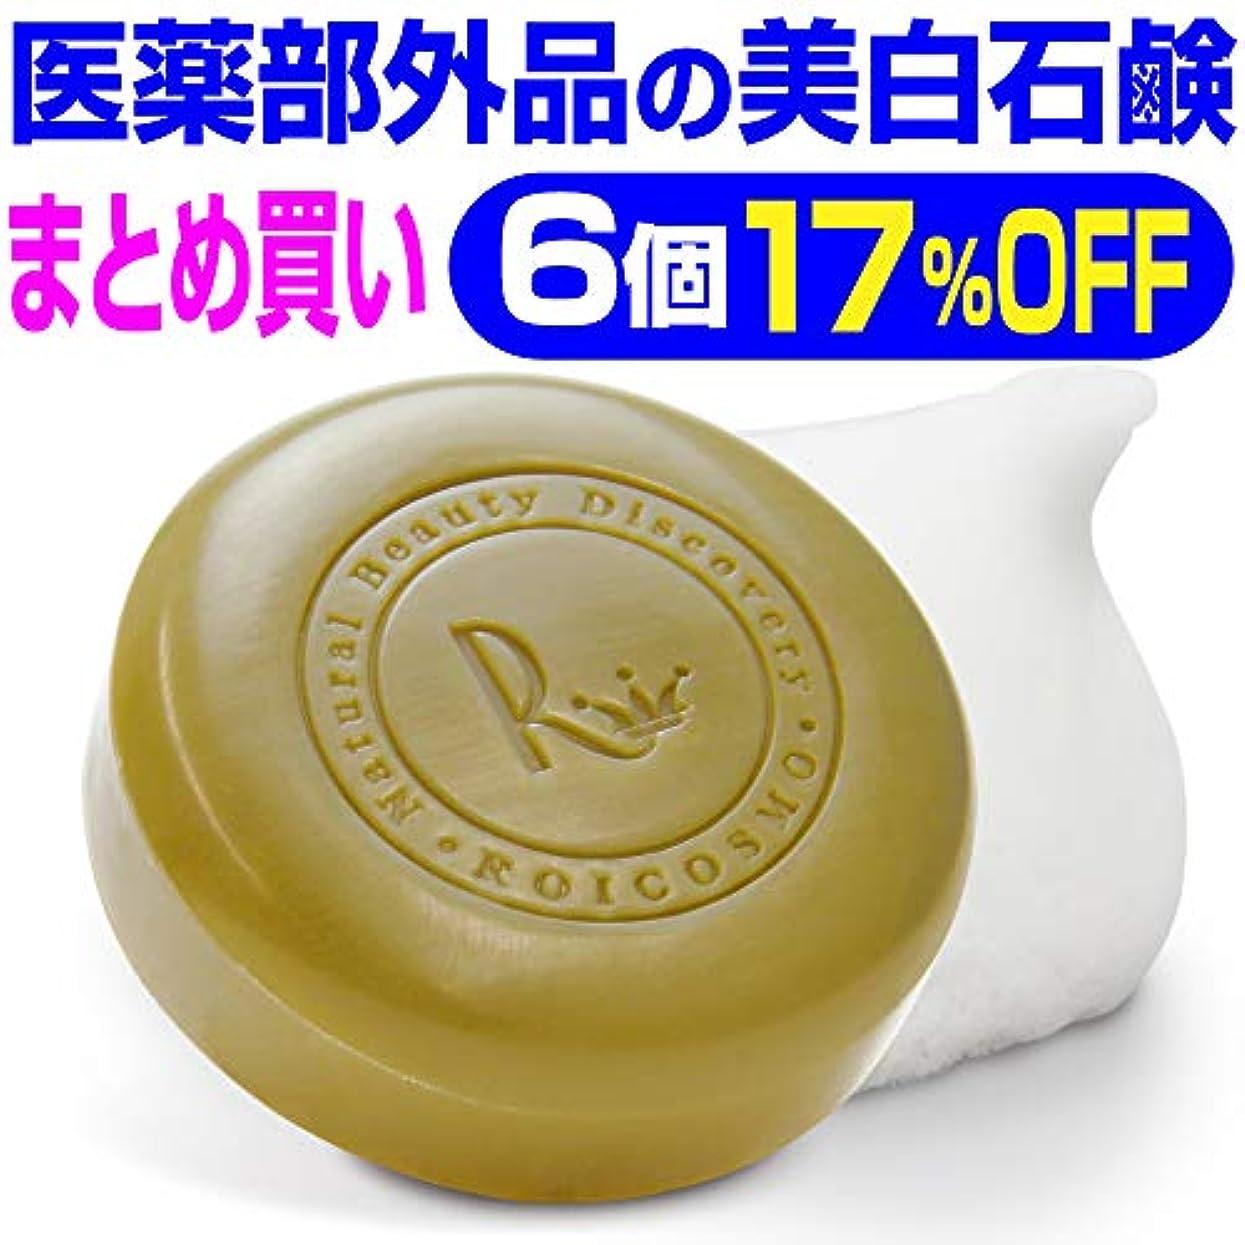 学校一緒強化6個まとめ買い17%OFF 美白石鹸/ビタミンC270倍の美白成分配合の 洗顔石鹸『ホワイトソープ100g×6個』